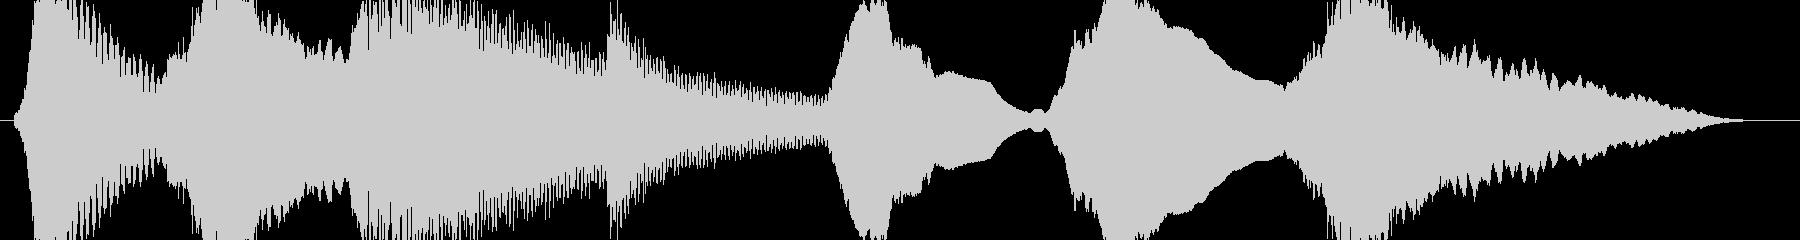 ホラー系 金属的な音 暗がり等の未再生の波形